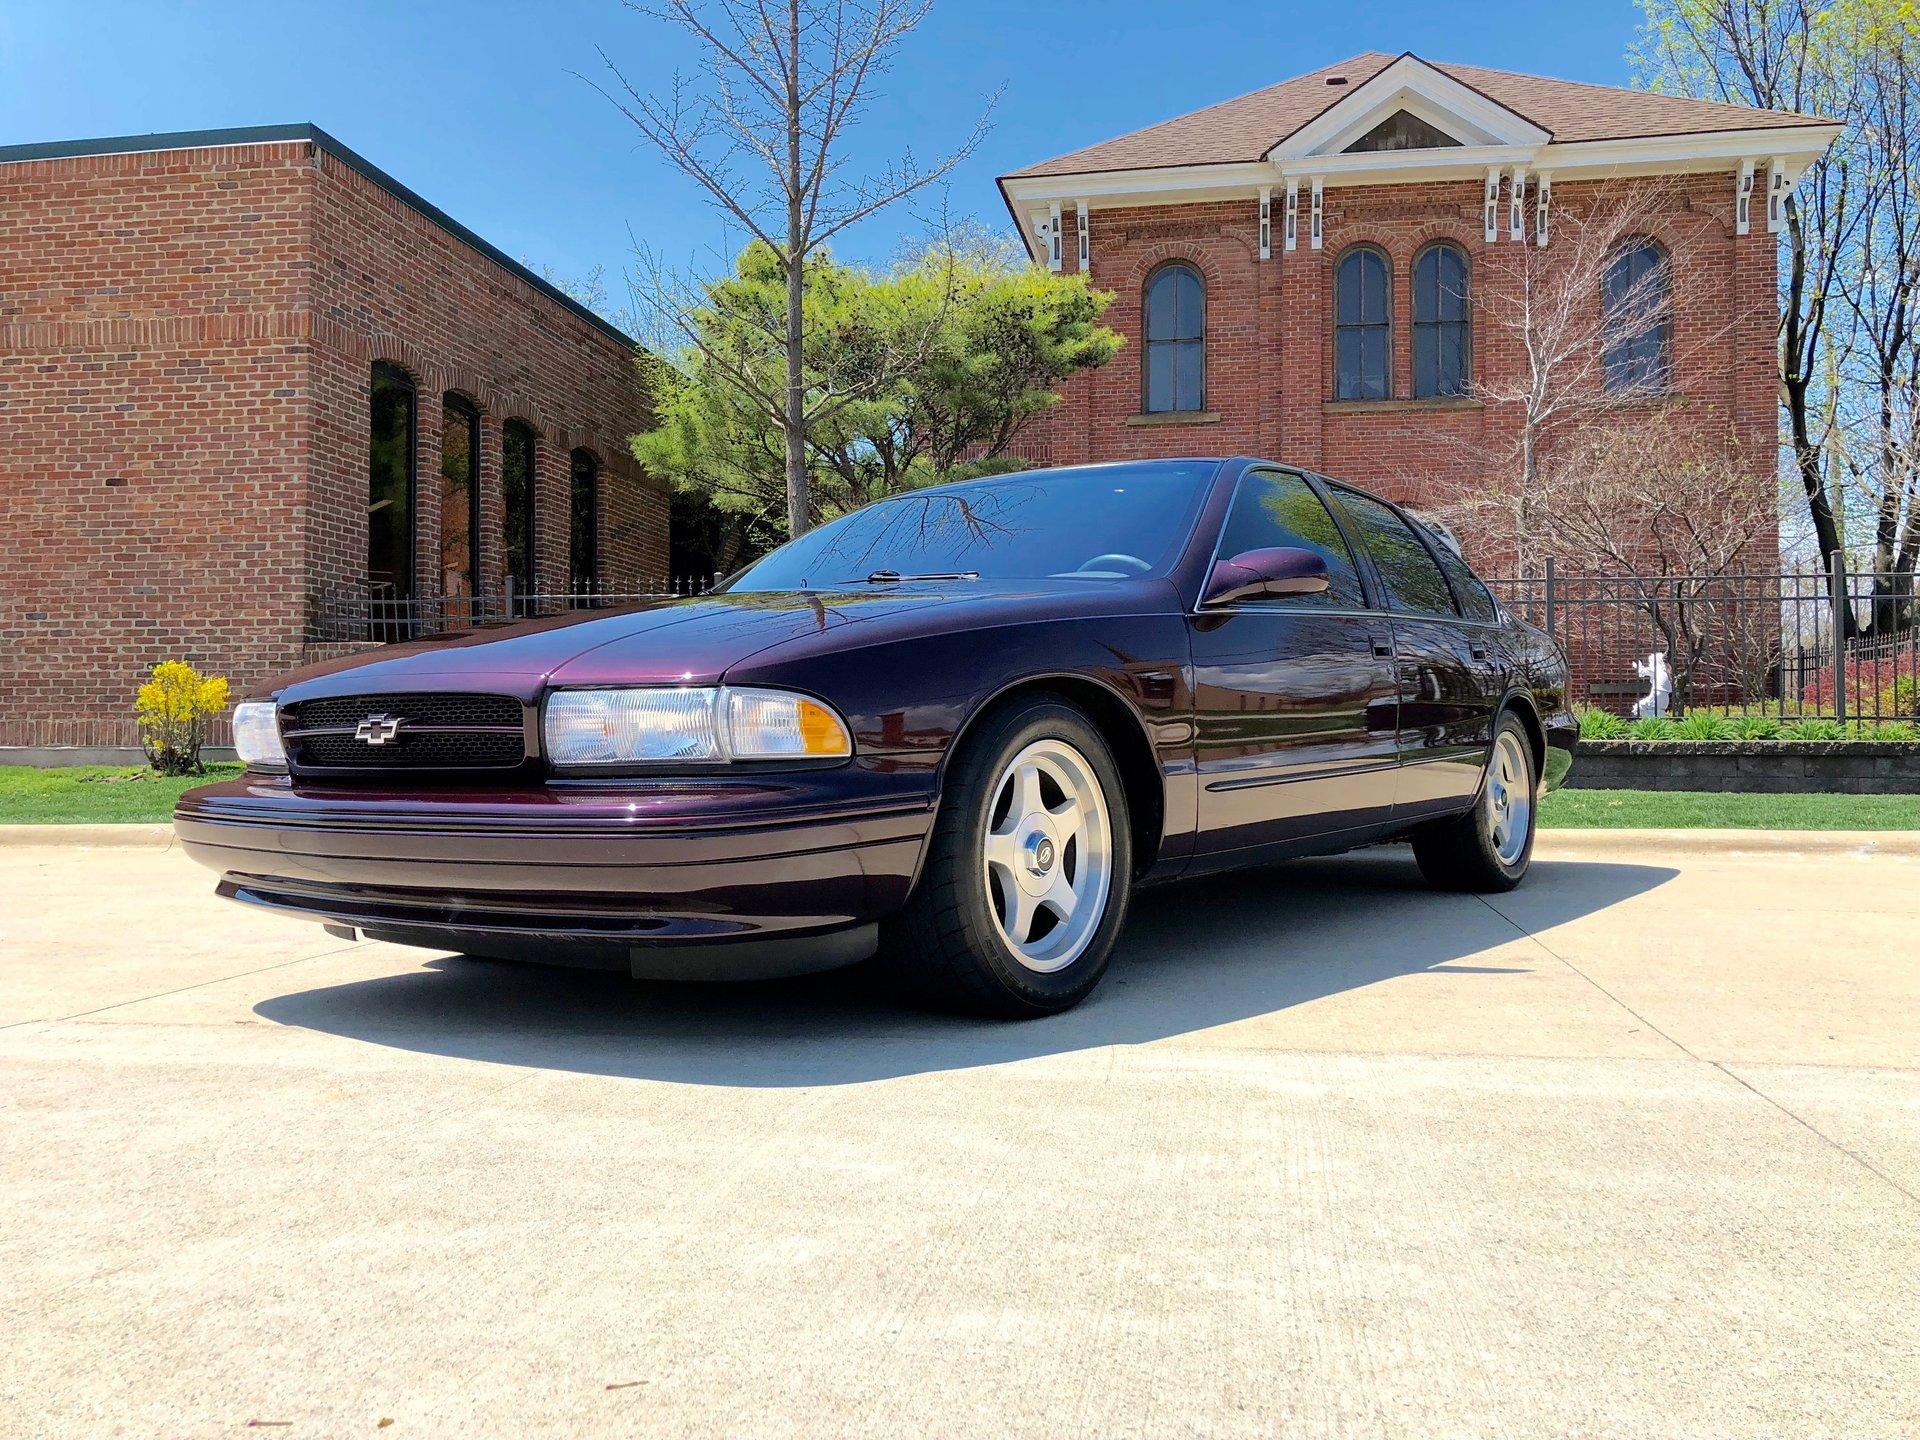 11198d059c5ca hd 1995 chevrolet impala ss